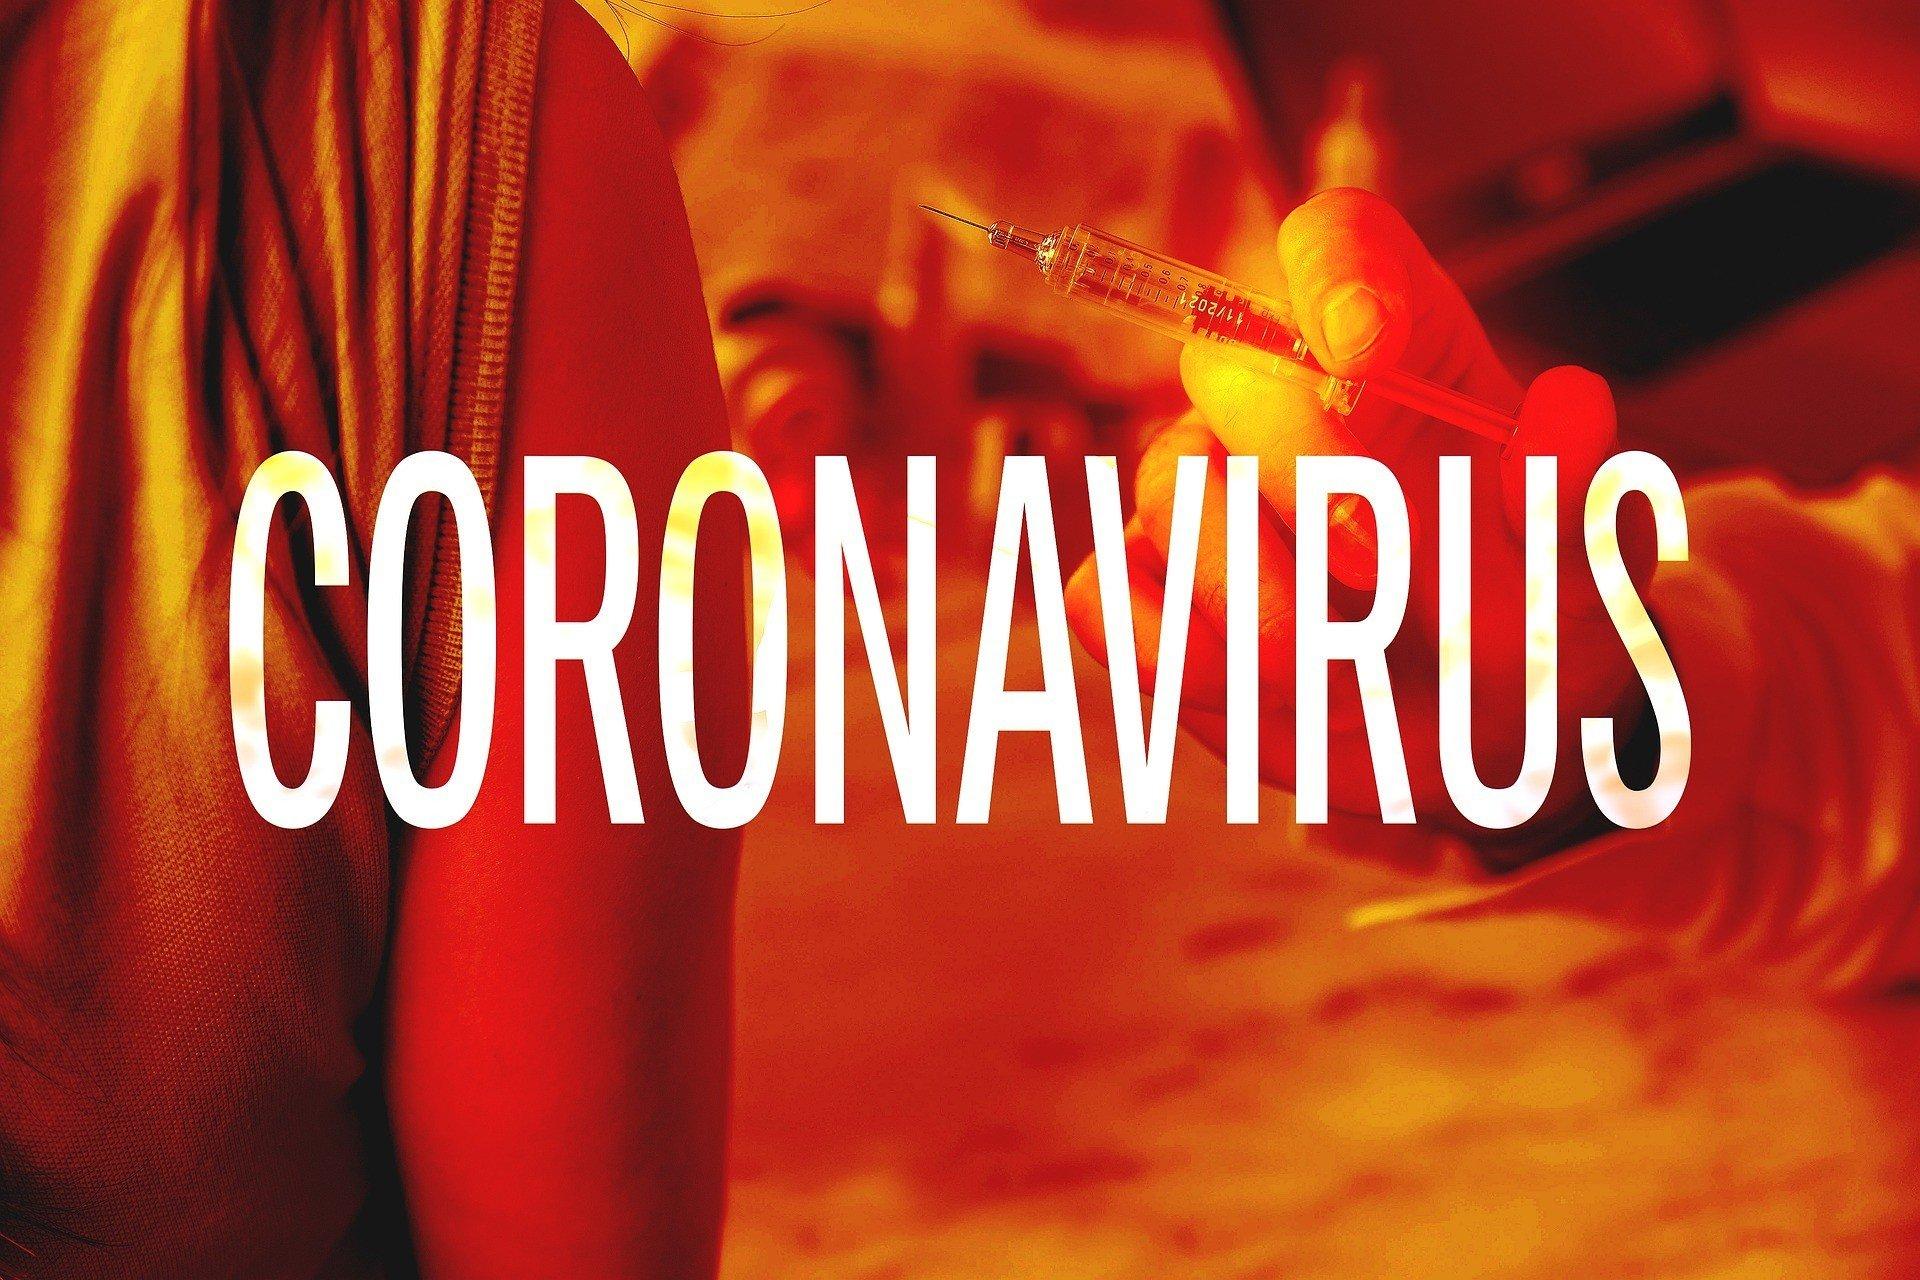 Ученые предупредили о несовершенстве первых COVID-вакцин